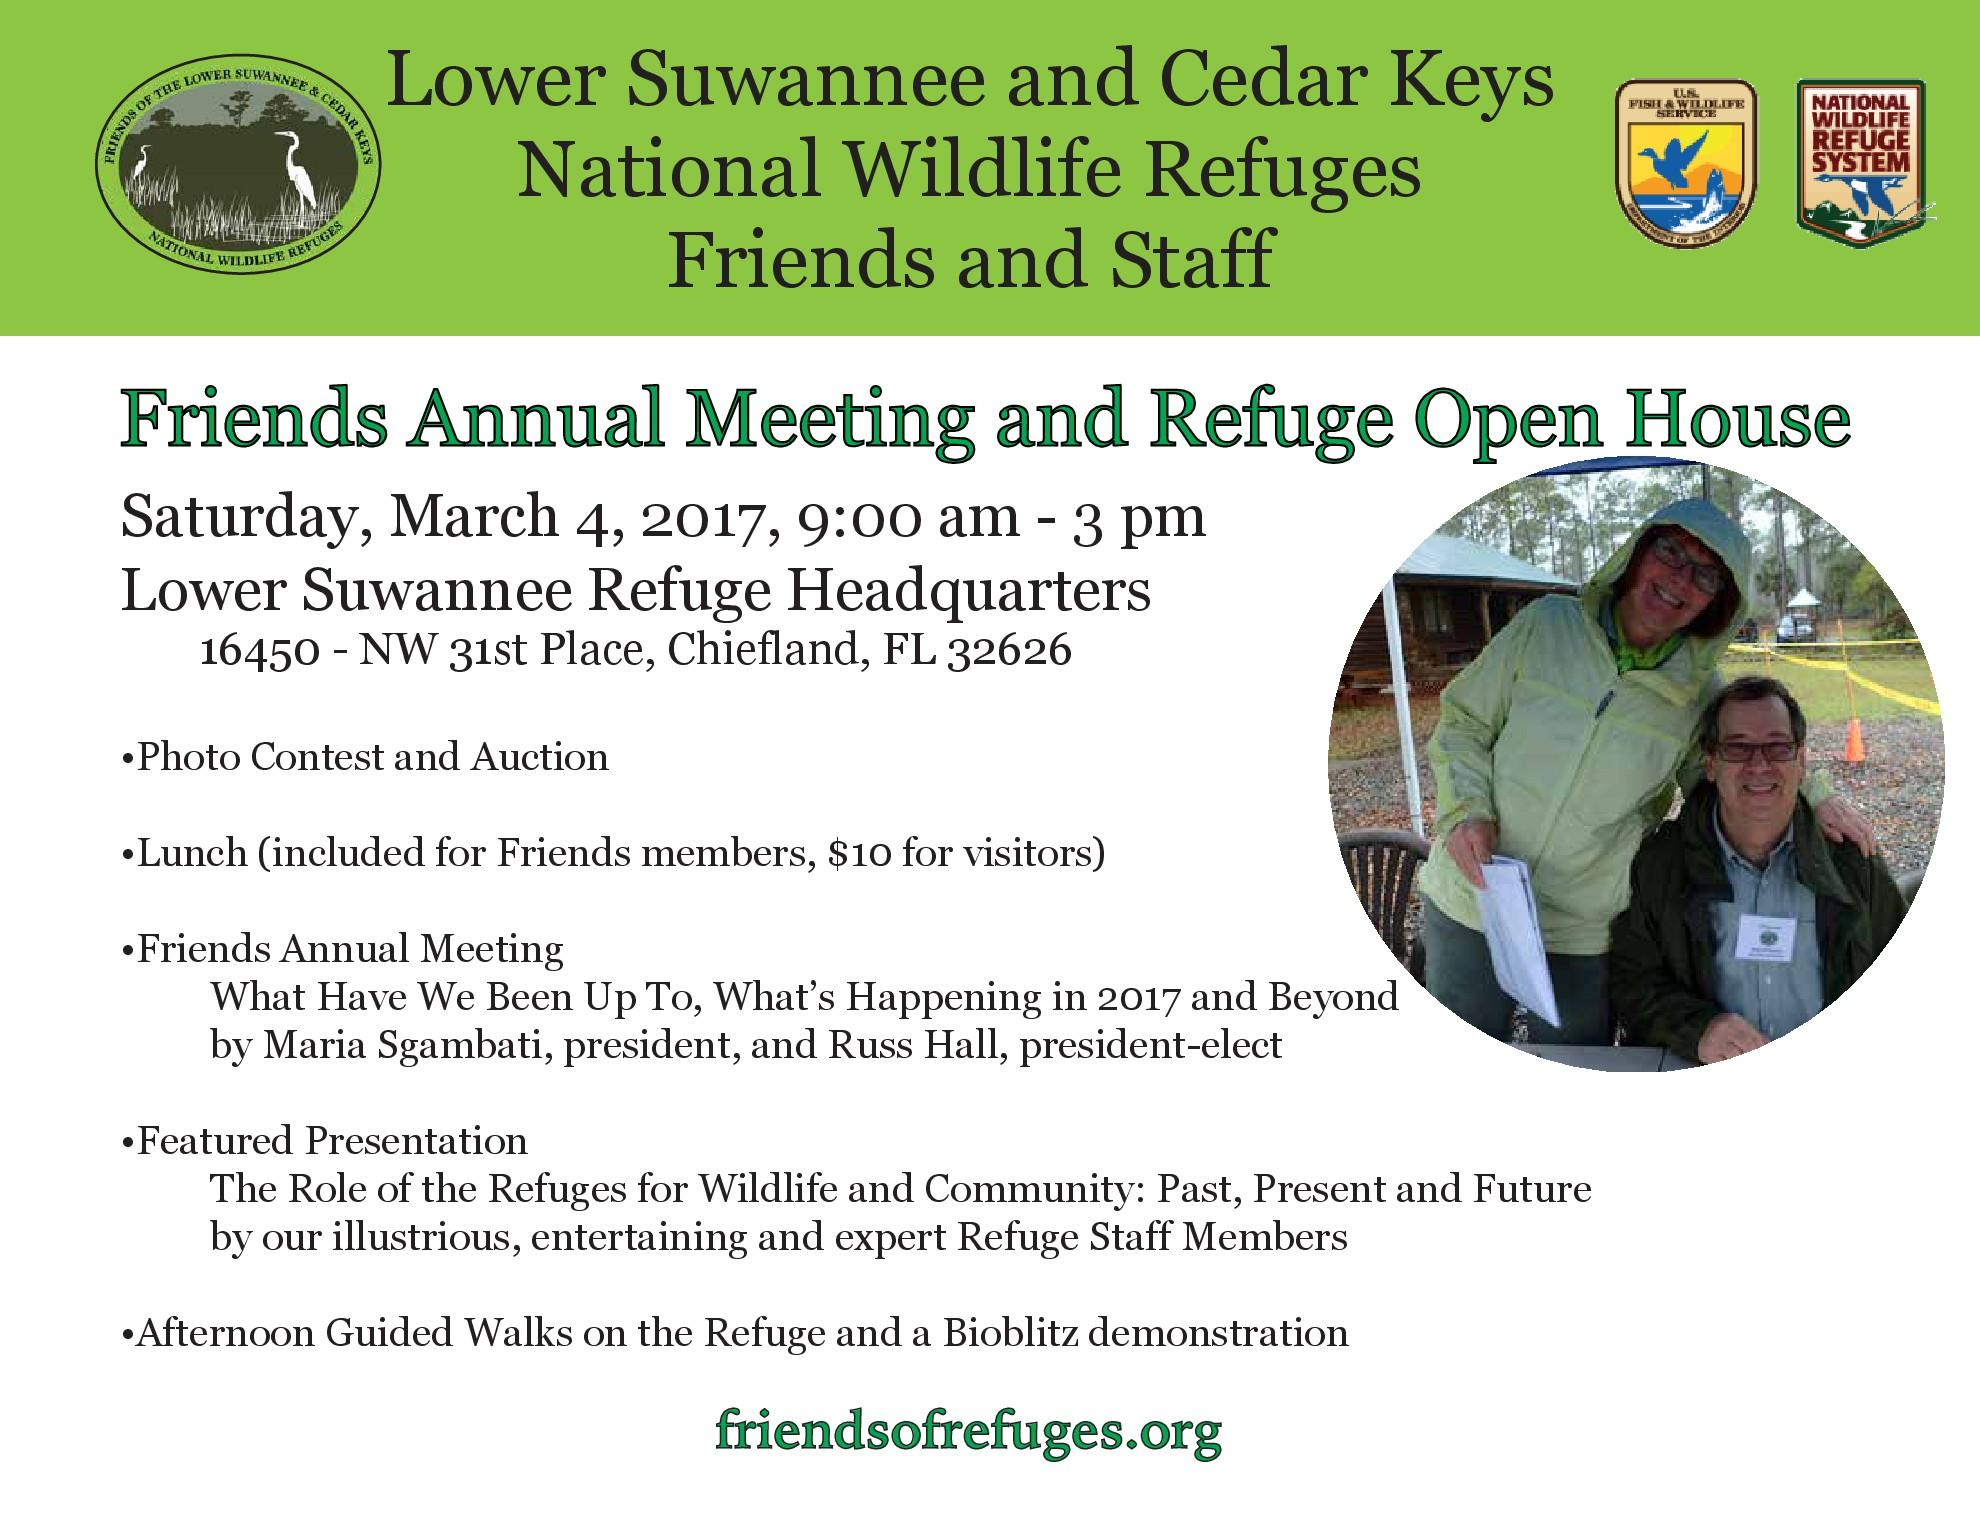 FEB 6 Friends Annual Meeting 2017